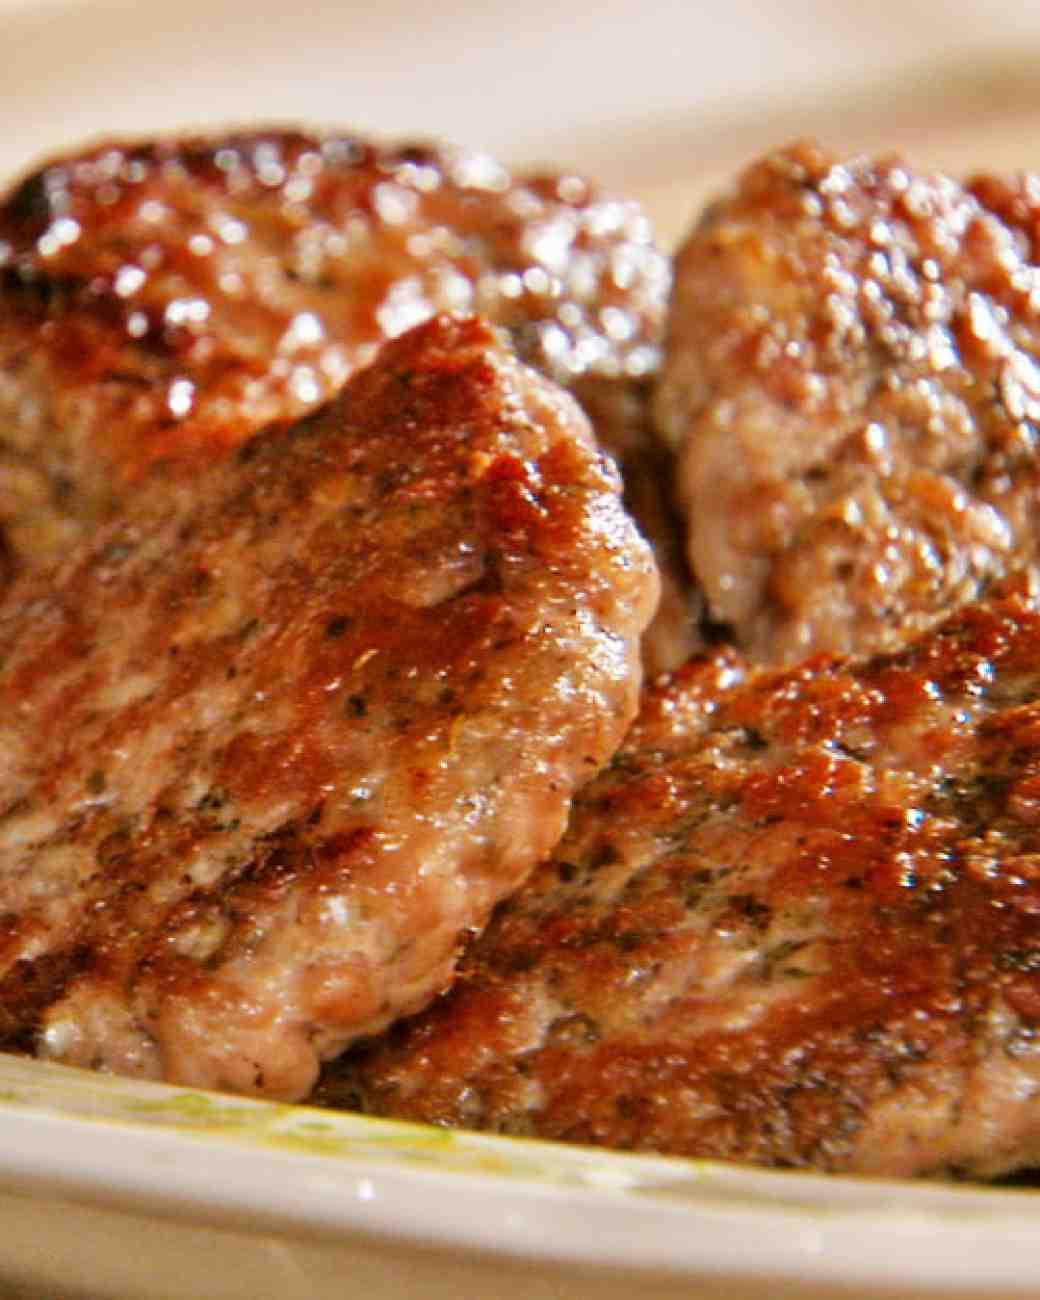 Homemade Pork Sausage  Simple Homemade Sausage Patties Recipe — Dishmaps